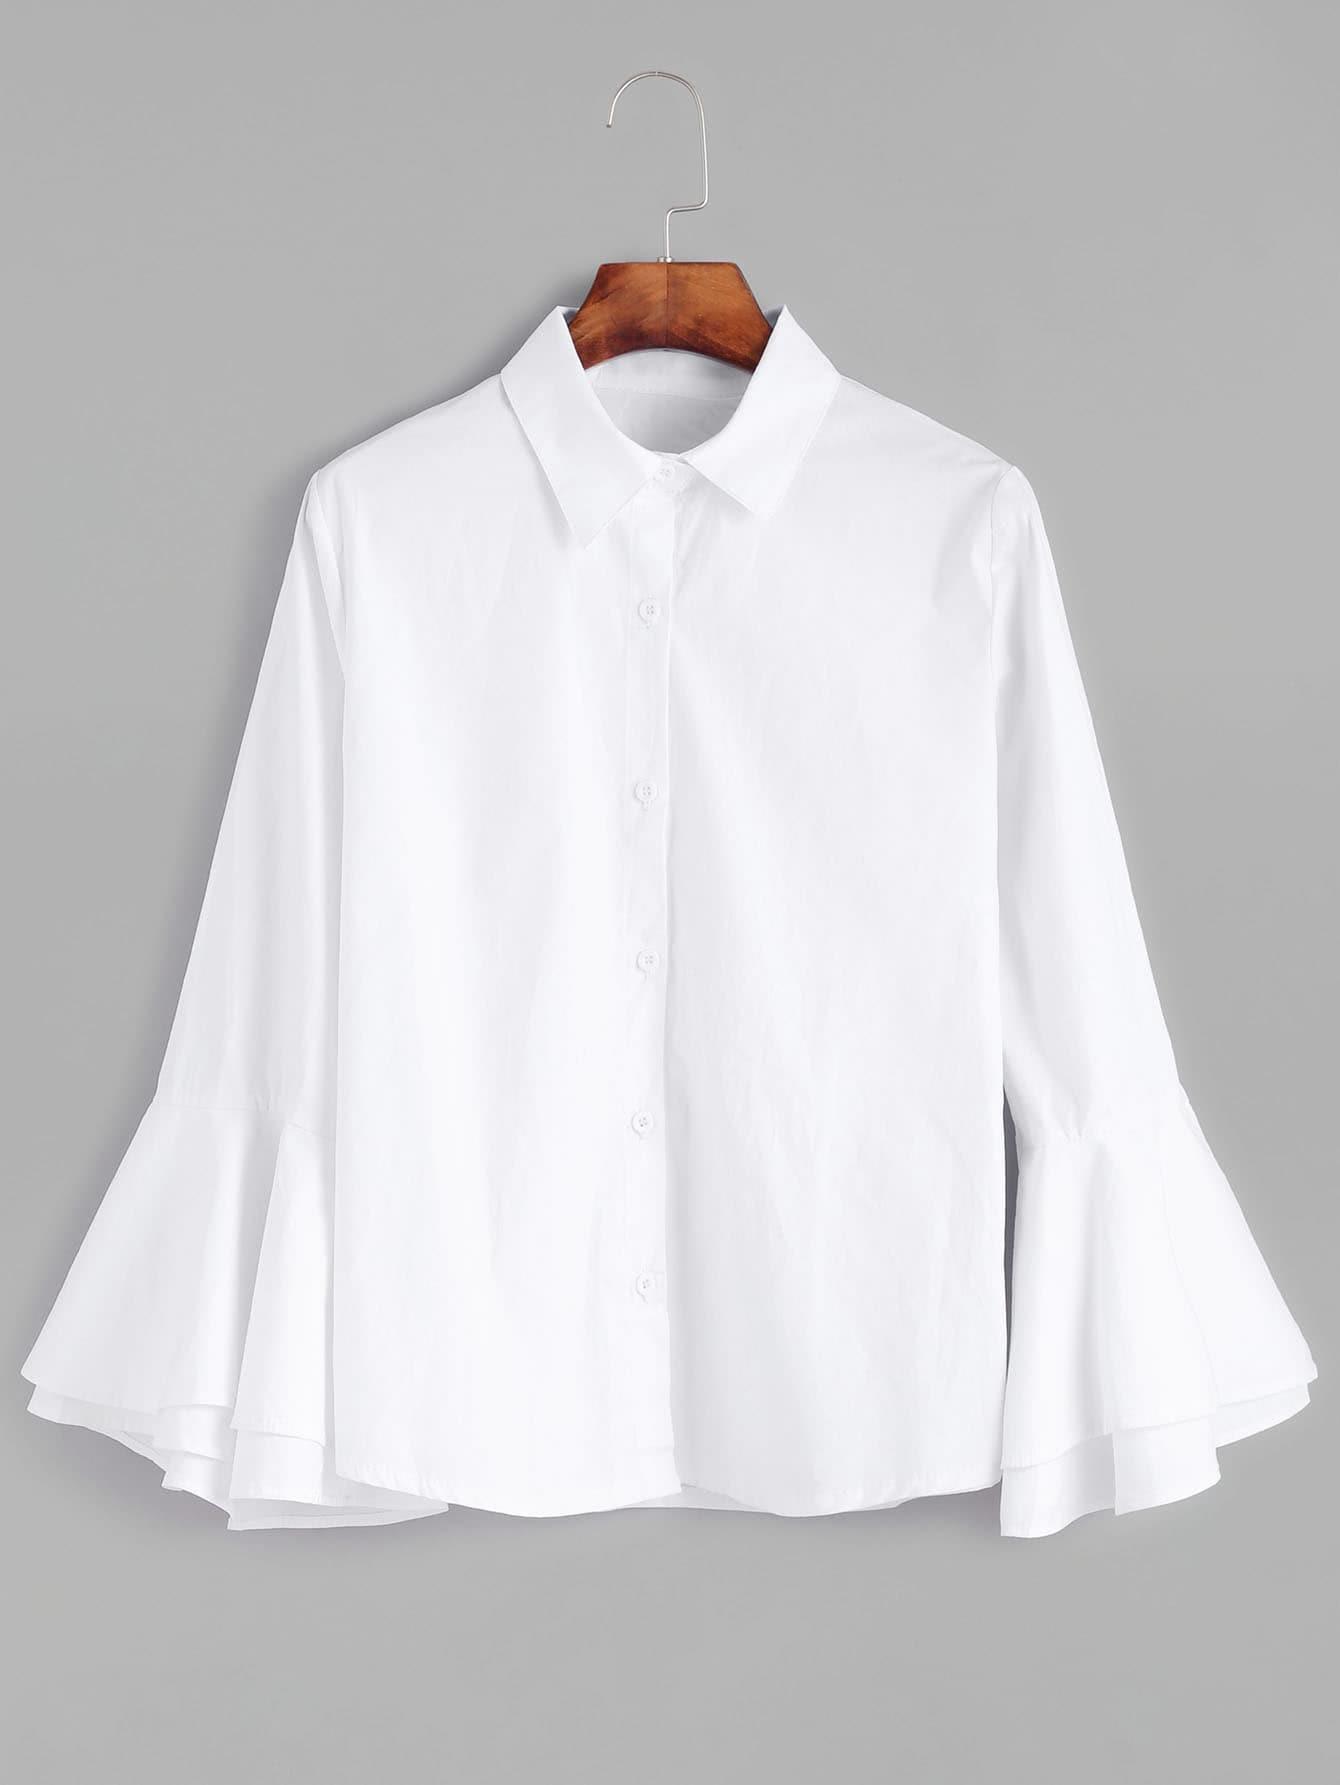 Tiered Bell Sleeve Shirt Shein Sheinside